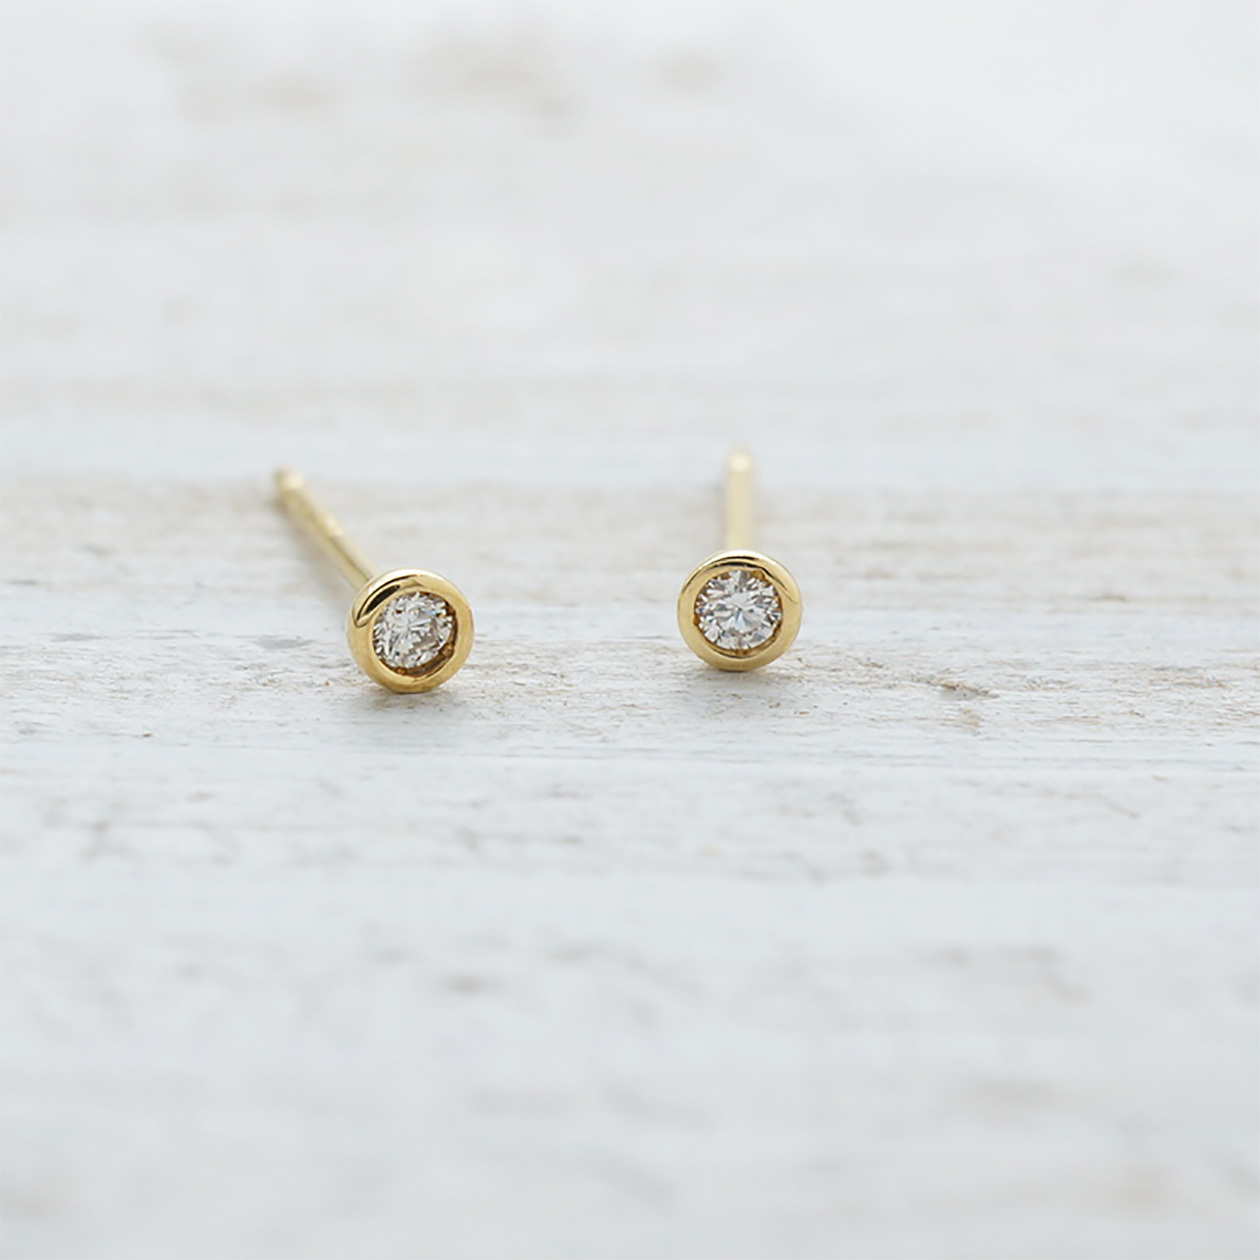 K18 tiny diamond